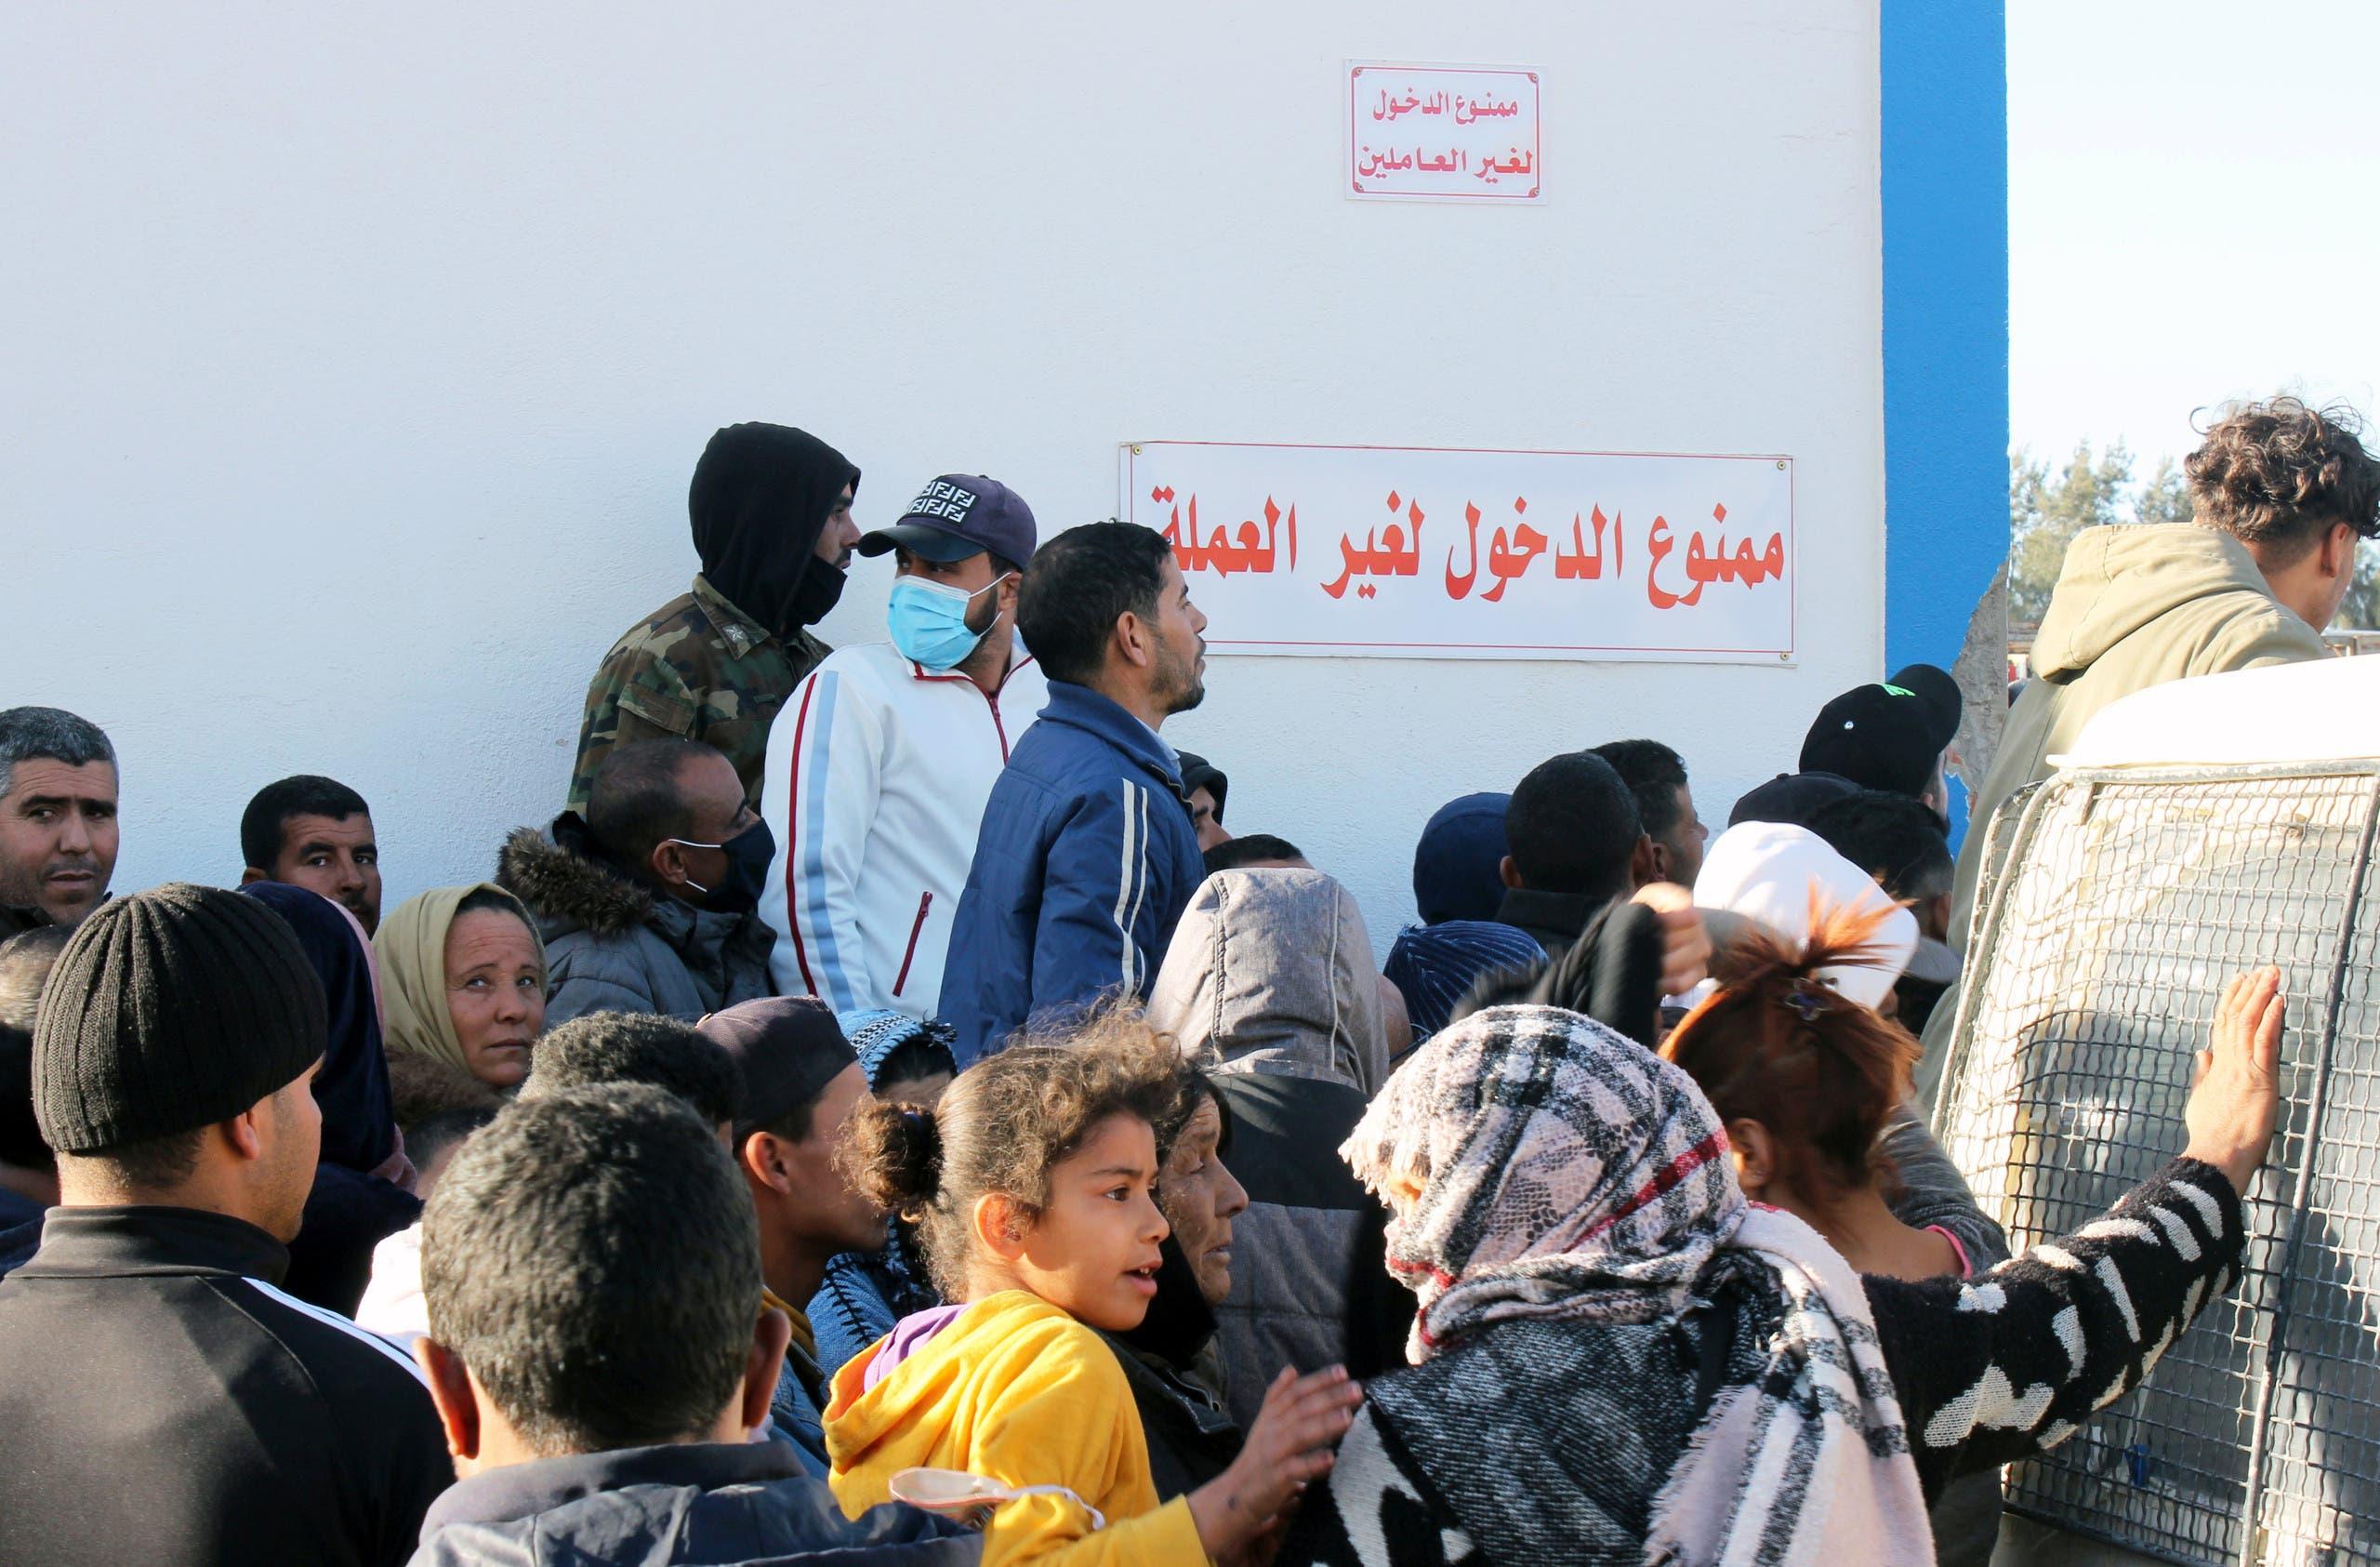 از اعتراضات در تونس